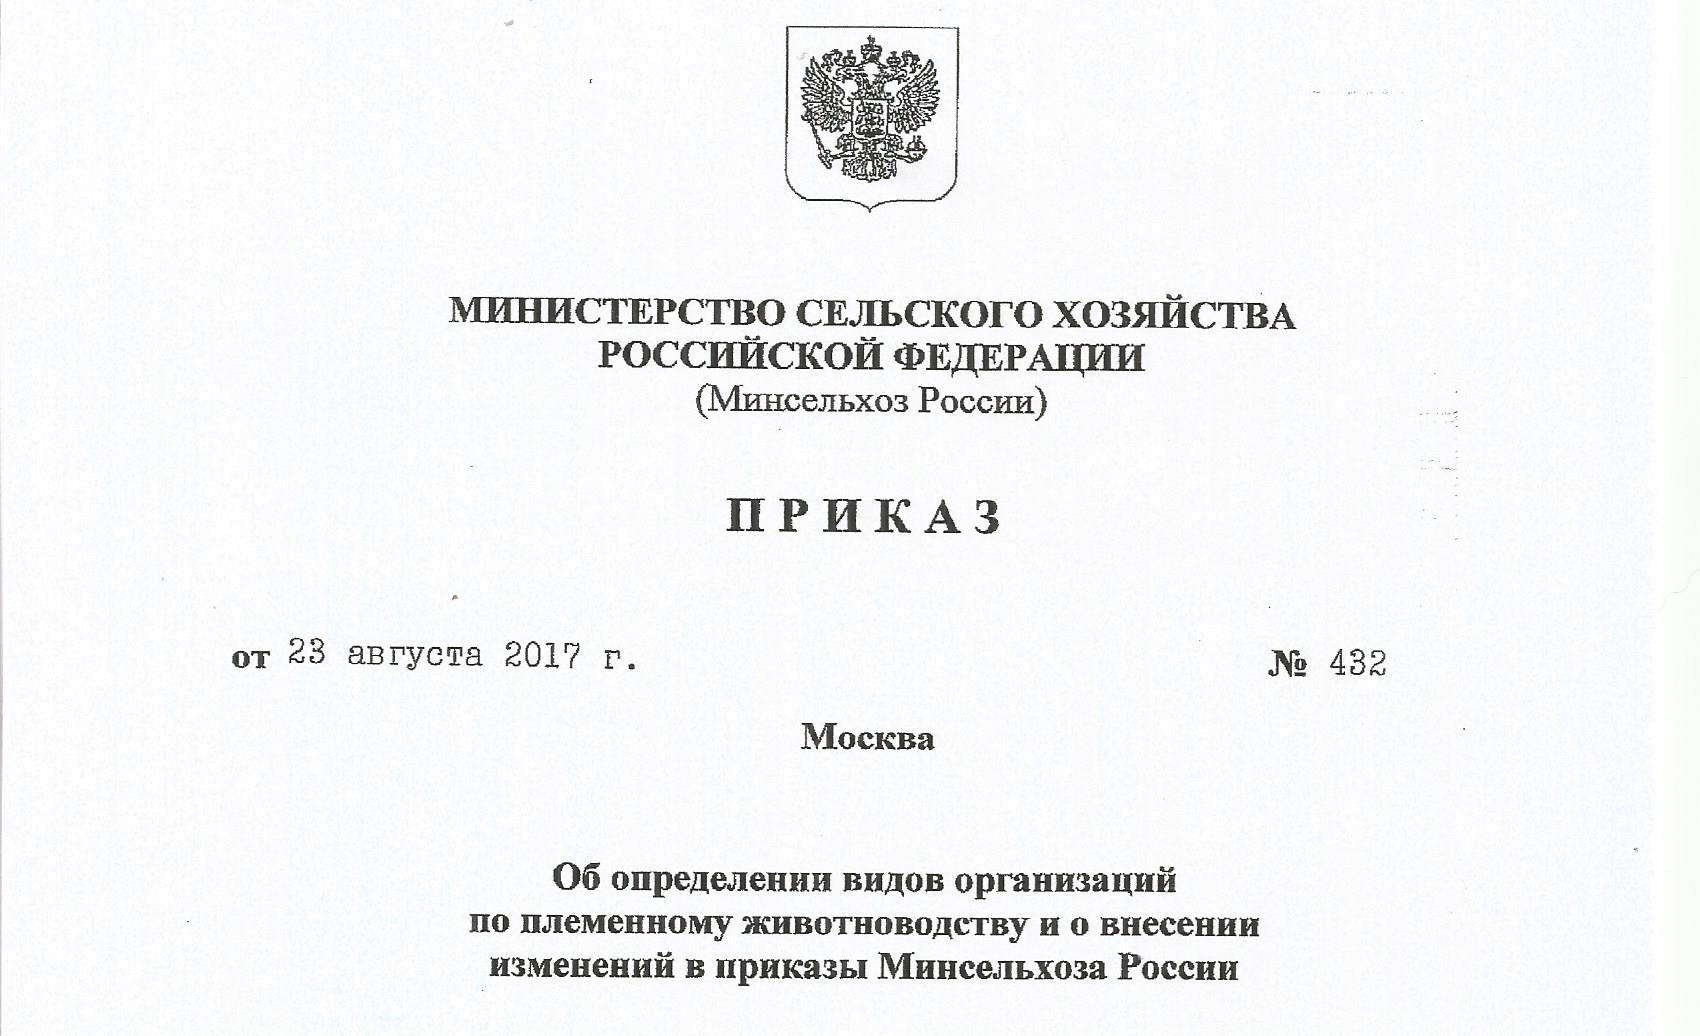 Cельхозпредприятия Пермского края подтверждают право на ведение племенной деятельности